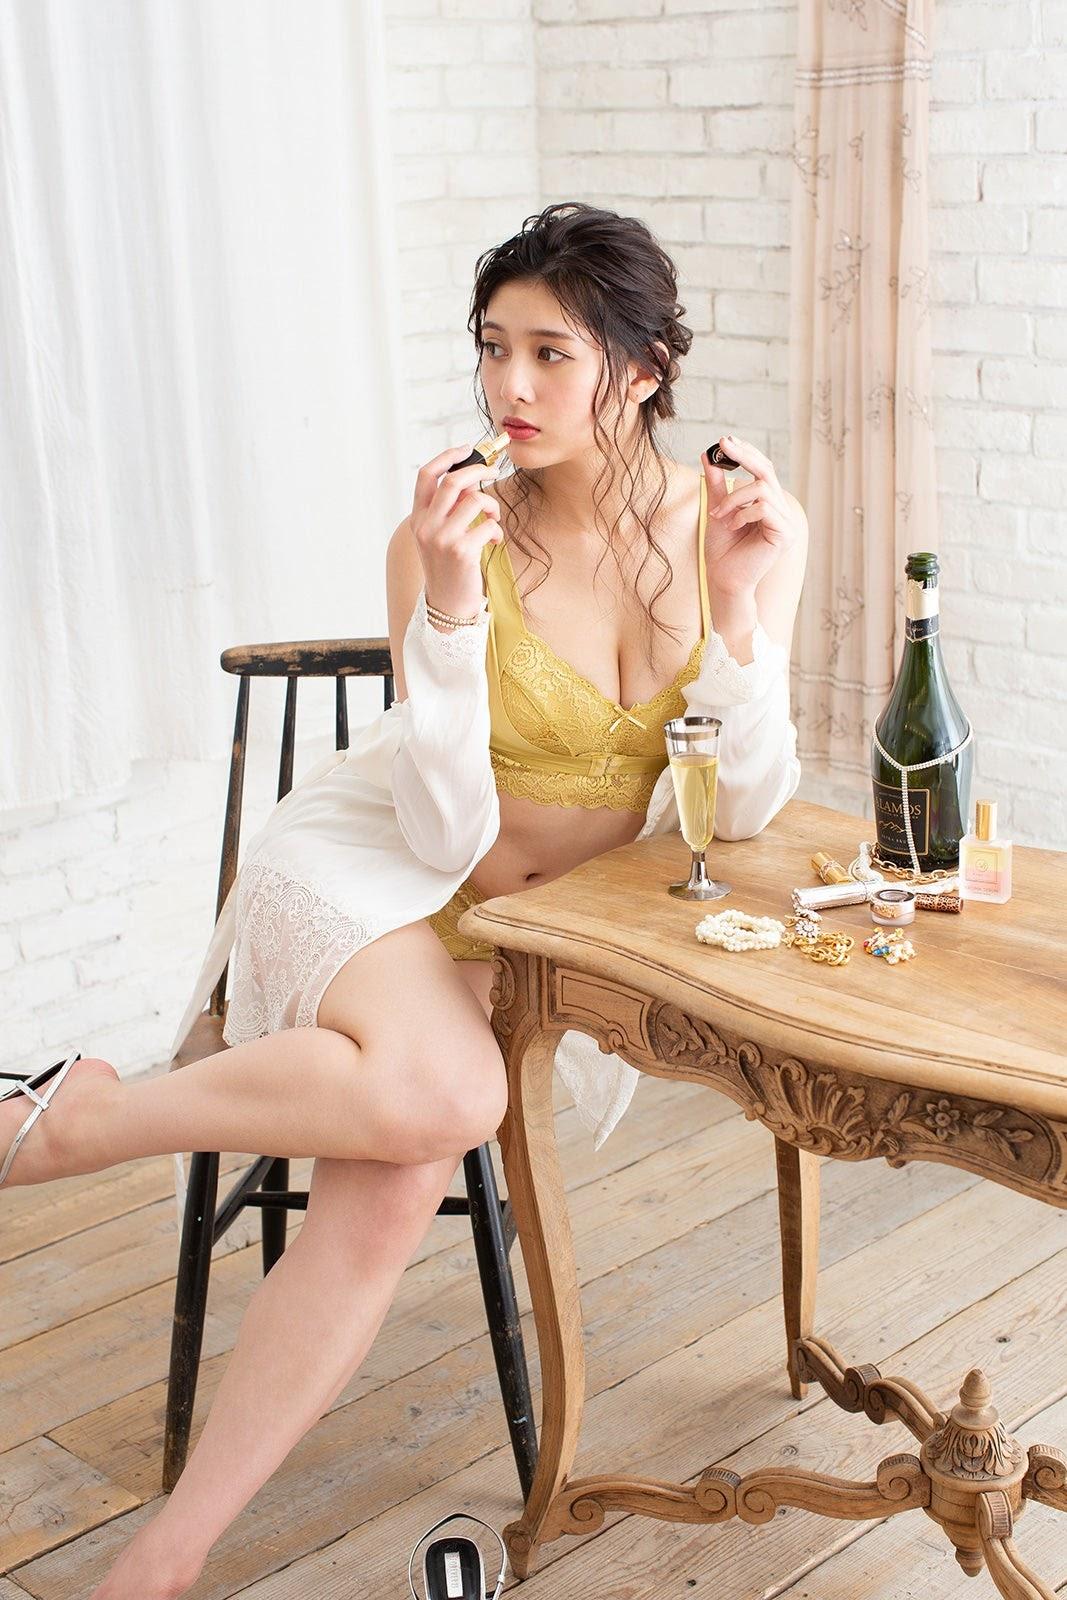 Fluffy Room Blubless Underwear Model Angela Mei013